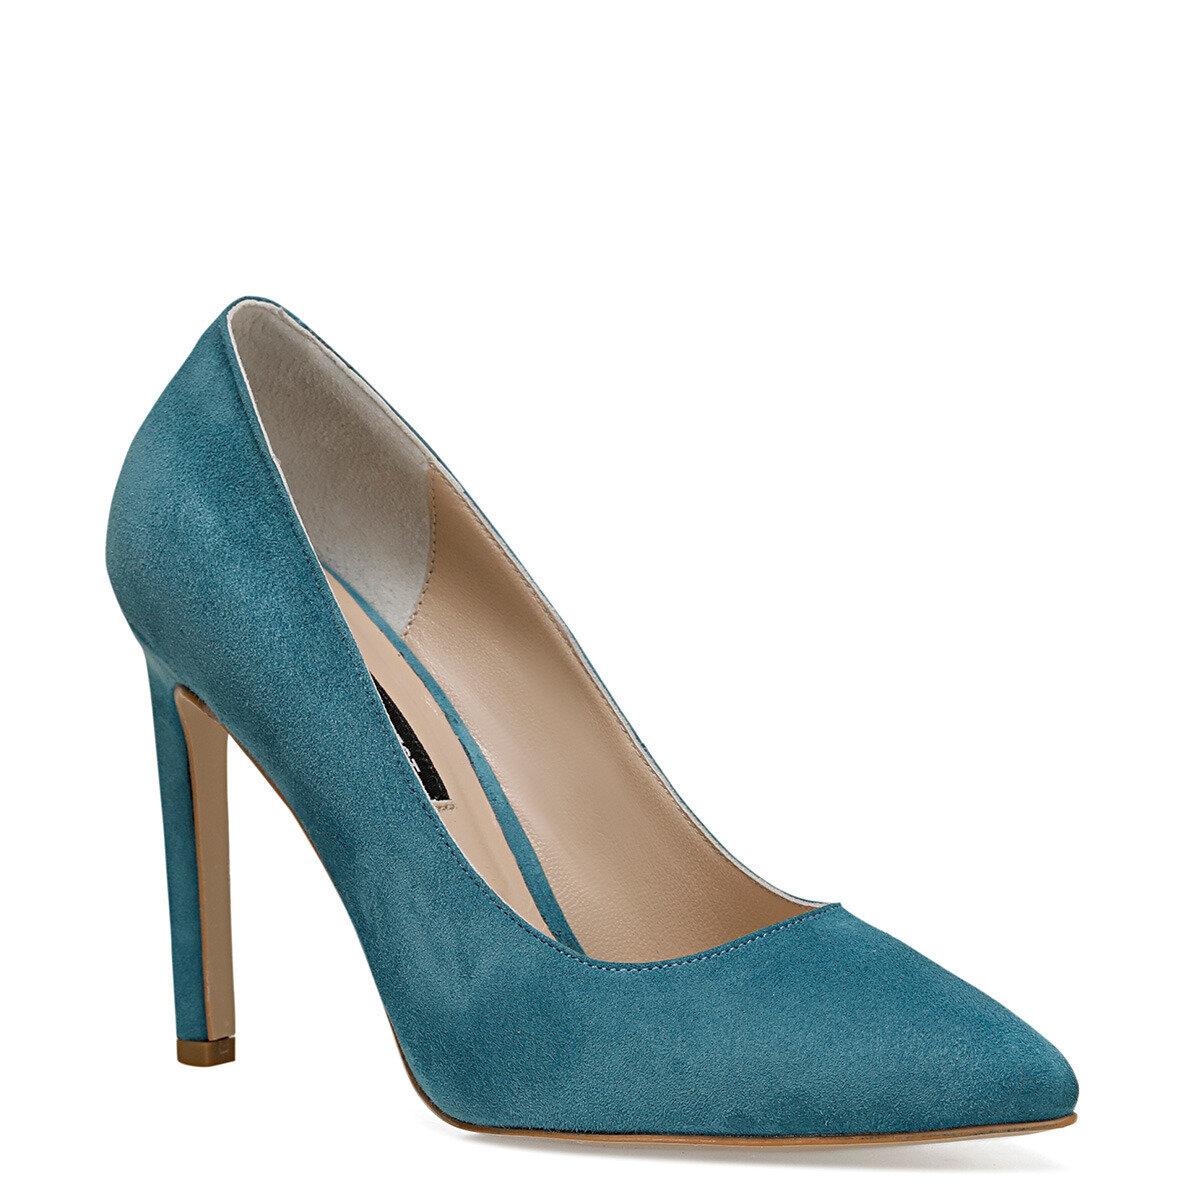 SABINE2 Mavi Kadın Stiletto